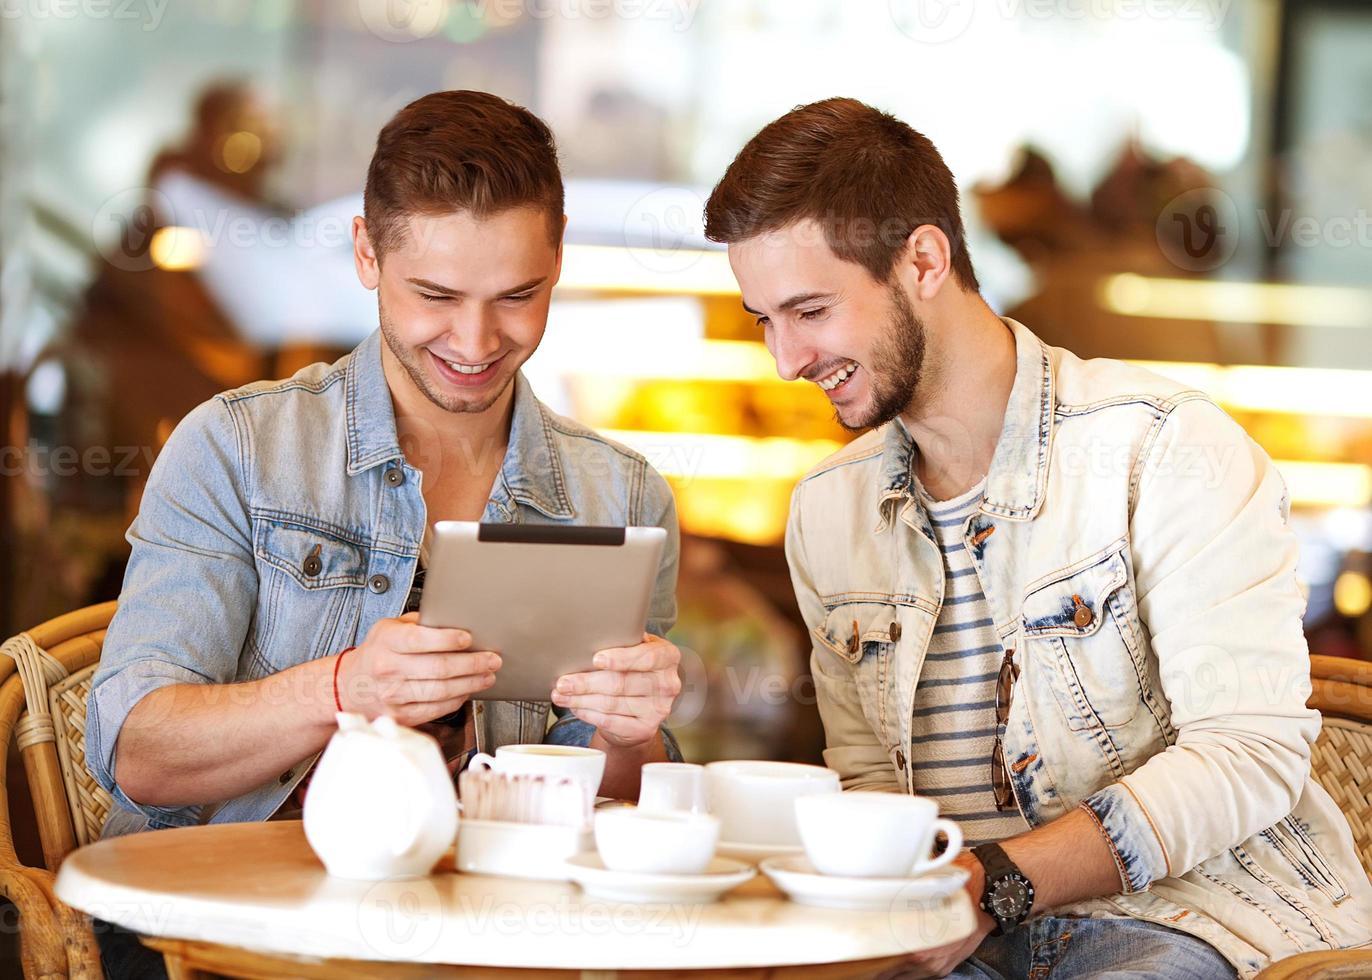 dois jovens / estudantes usando computador tablet no café foto